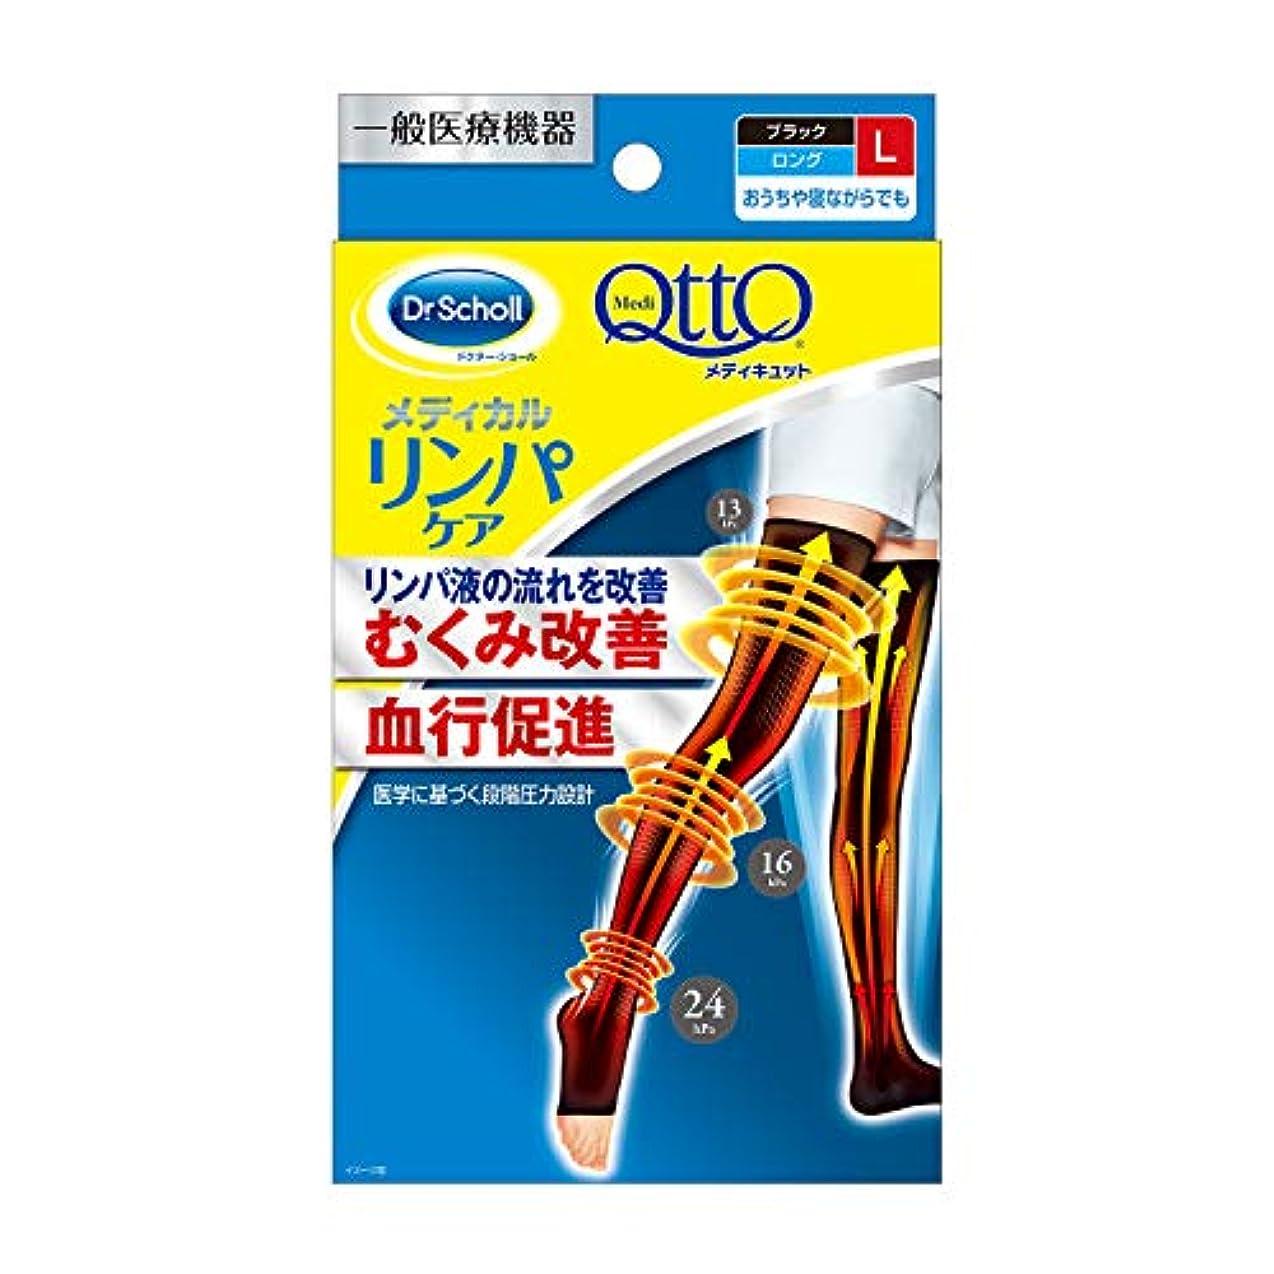 アレイ石膏素晴らしいです一般医療機器 おうちでメディキュット リンパケア ロング L 着圧 加圧 血行改善 むくみケア 弾性 靴下